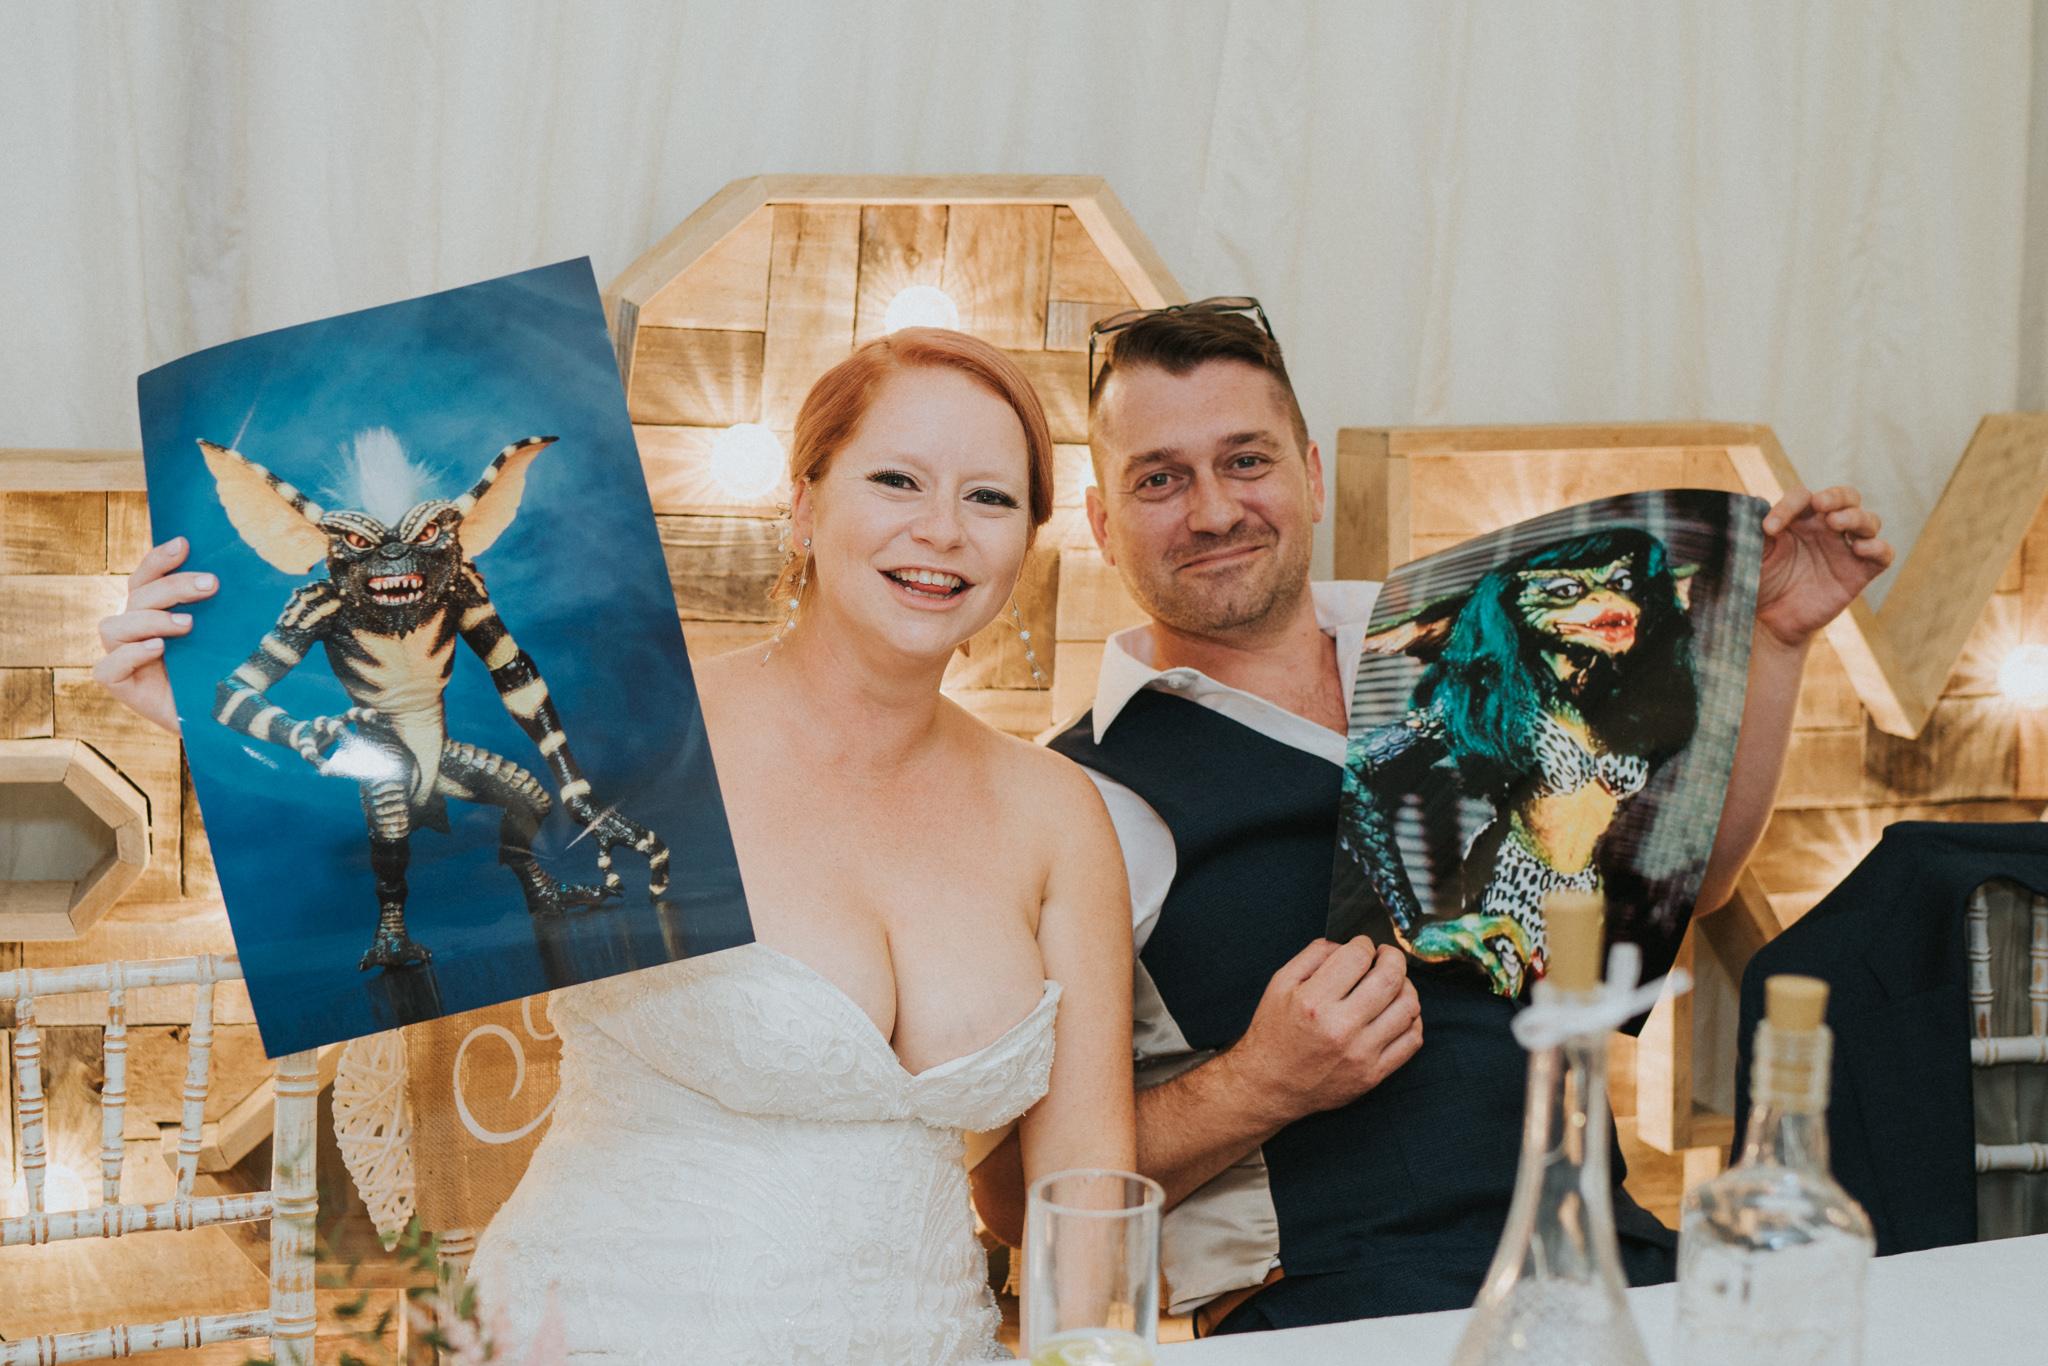 steph-neil-red-brick-barn-rochford-wedding-grace-elizabeth-colchester-essex-alternative-wedding-photographer-essex-suffolk-norfolk-devon (41 of 43).jpg